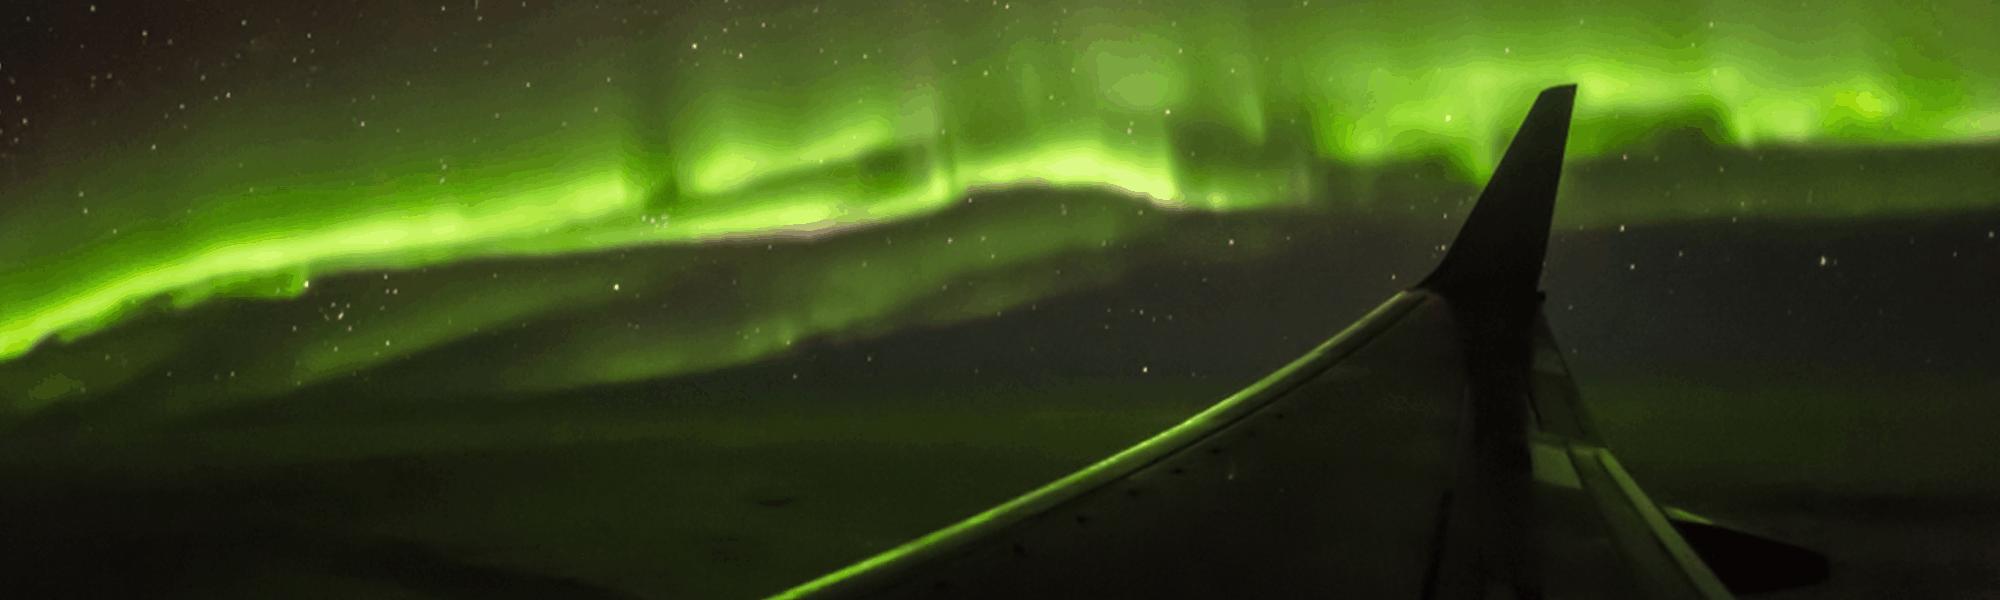 Mein erster Polarlichtflug mit TUI fly – Flugzeugspotter Dirk Oehlschläger berichtet